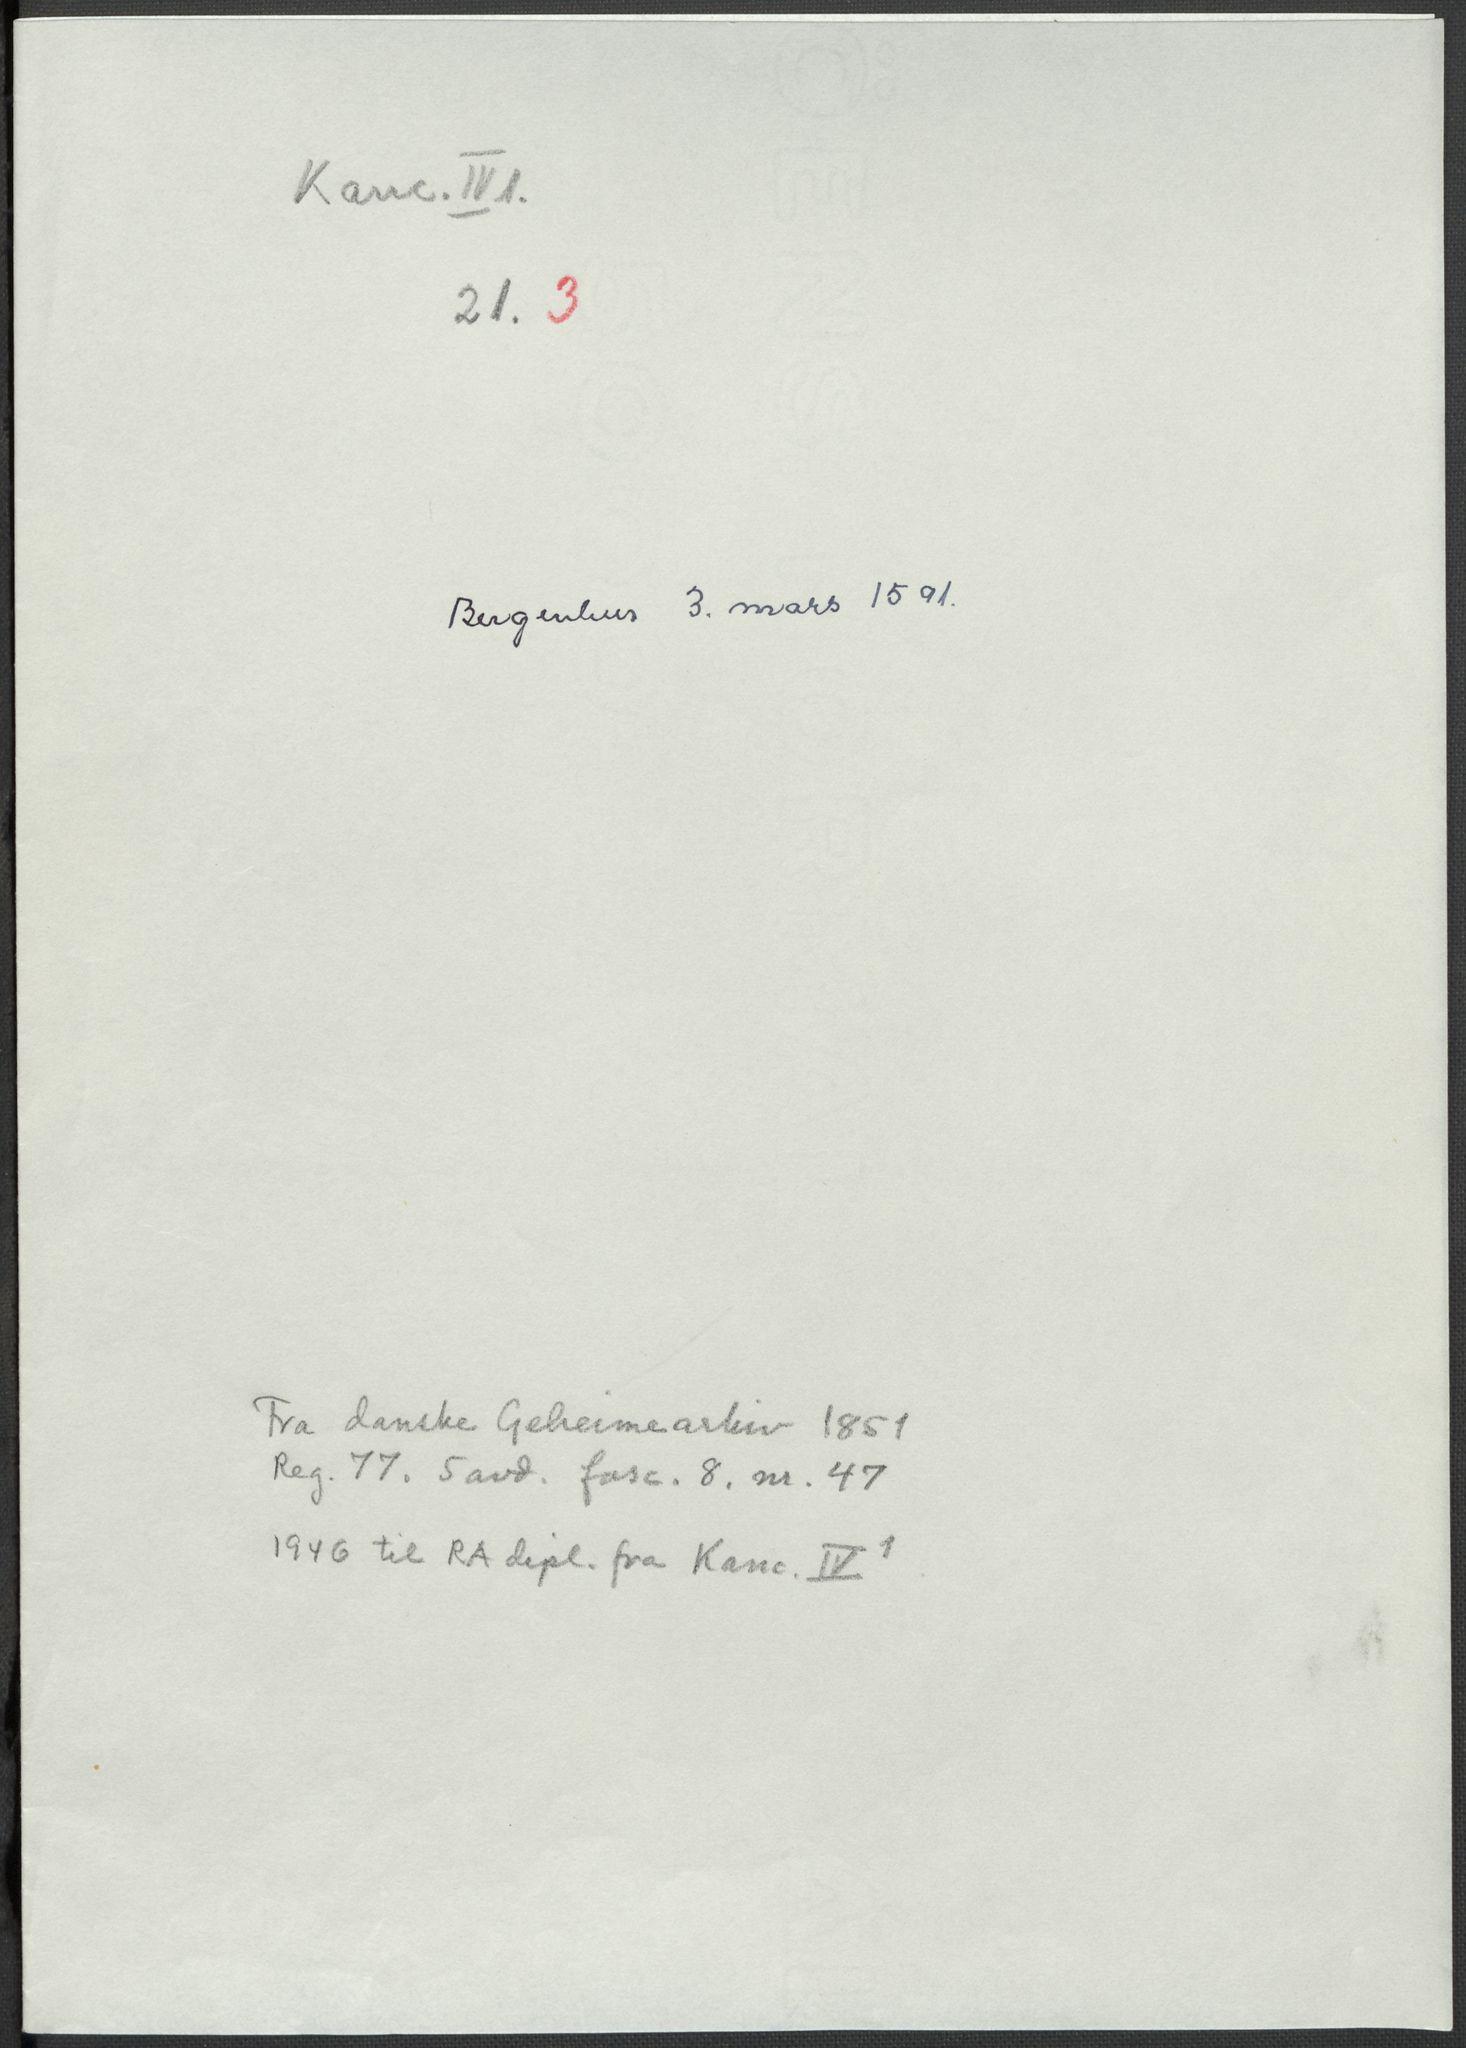 RA, Riksarkivets diplomsamling, F02/L0093: Dokumenter, 1591, s. 43